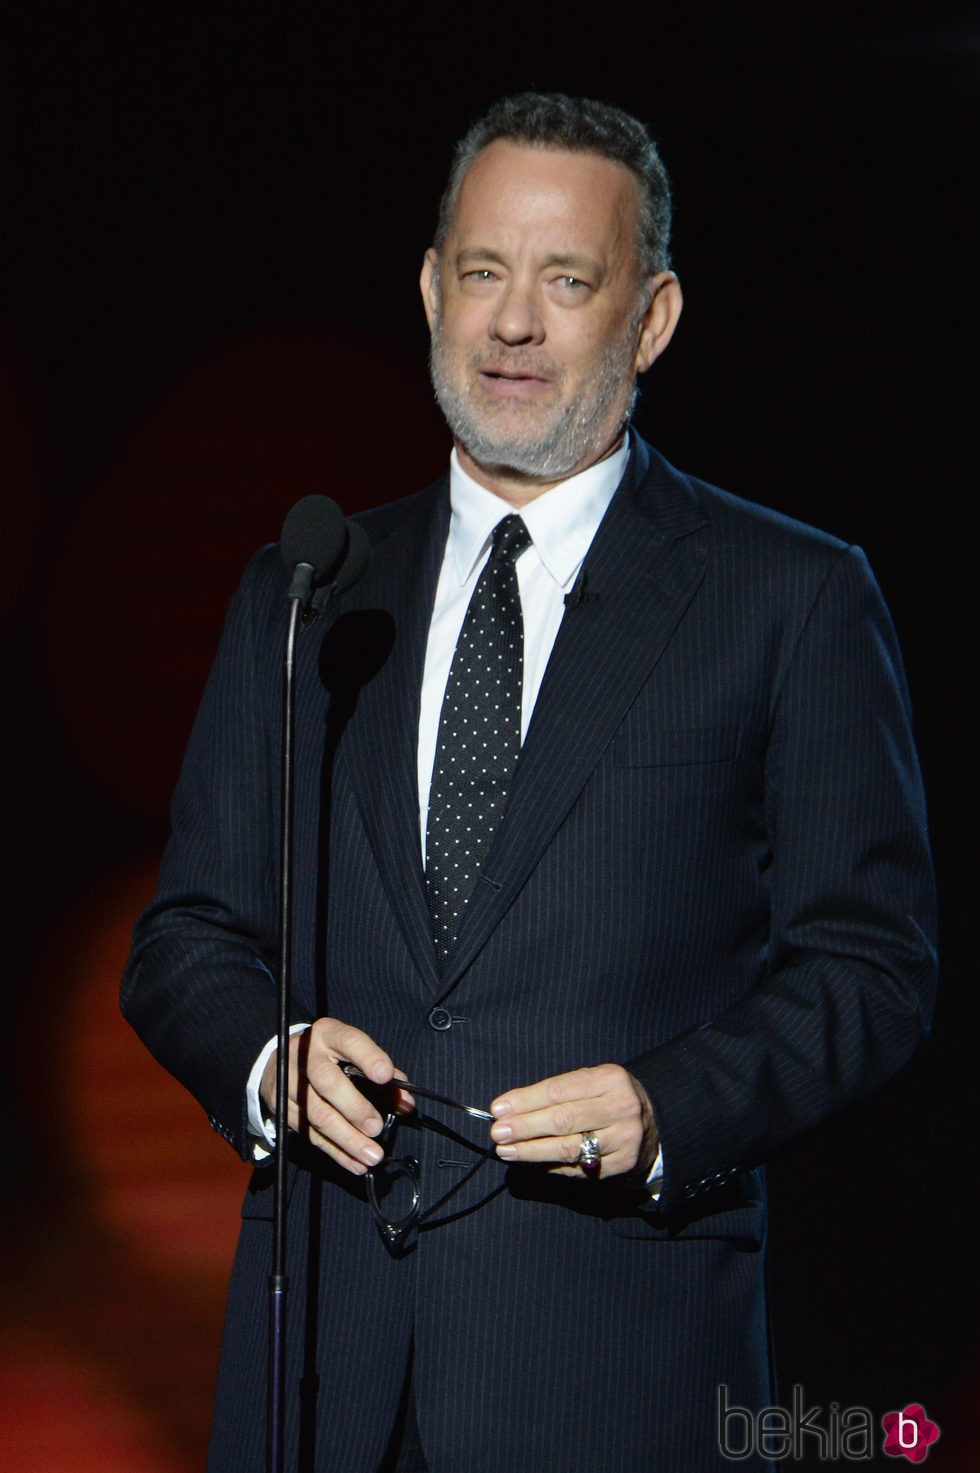 Tom Hanks en la gala benéfica de la Fundación Parker en Los Ángeles